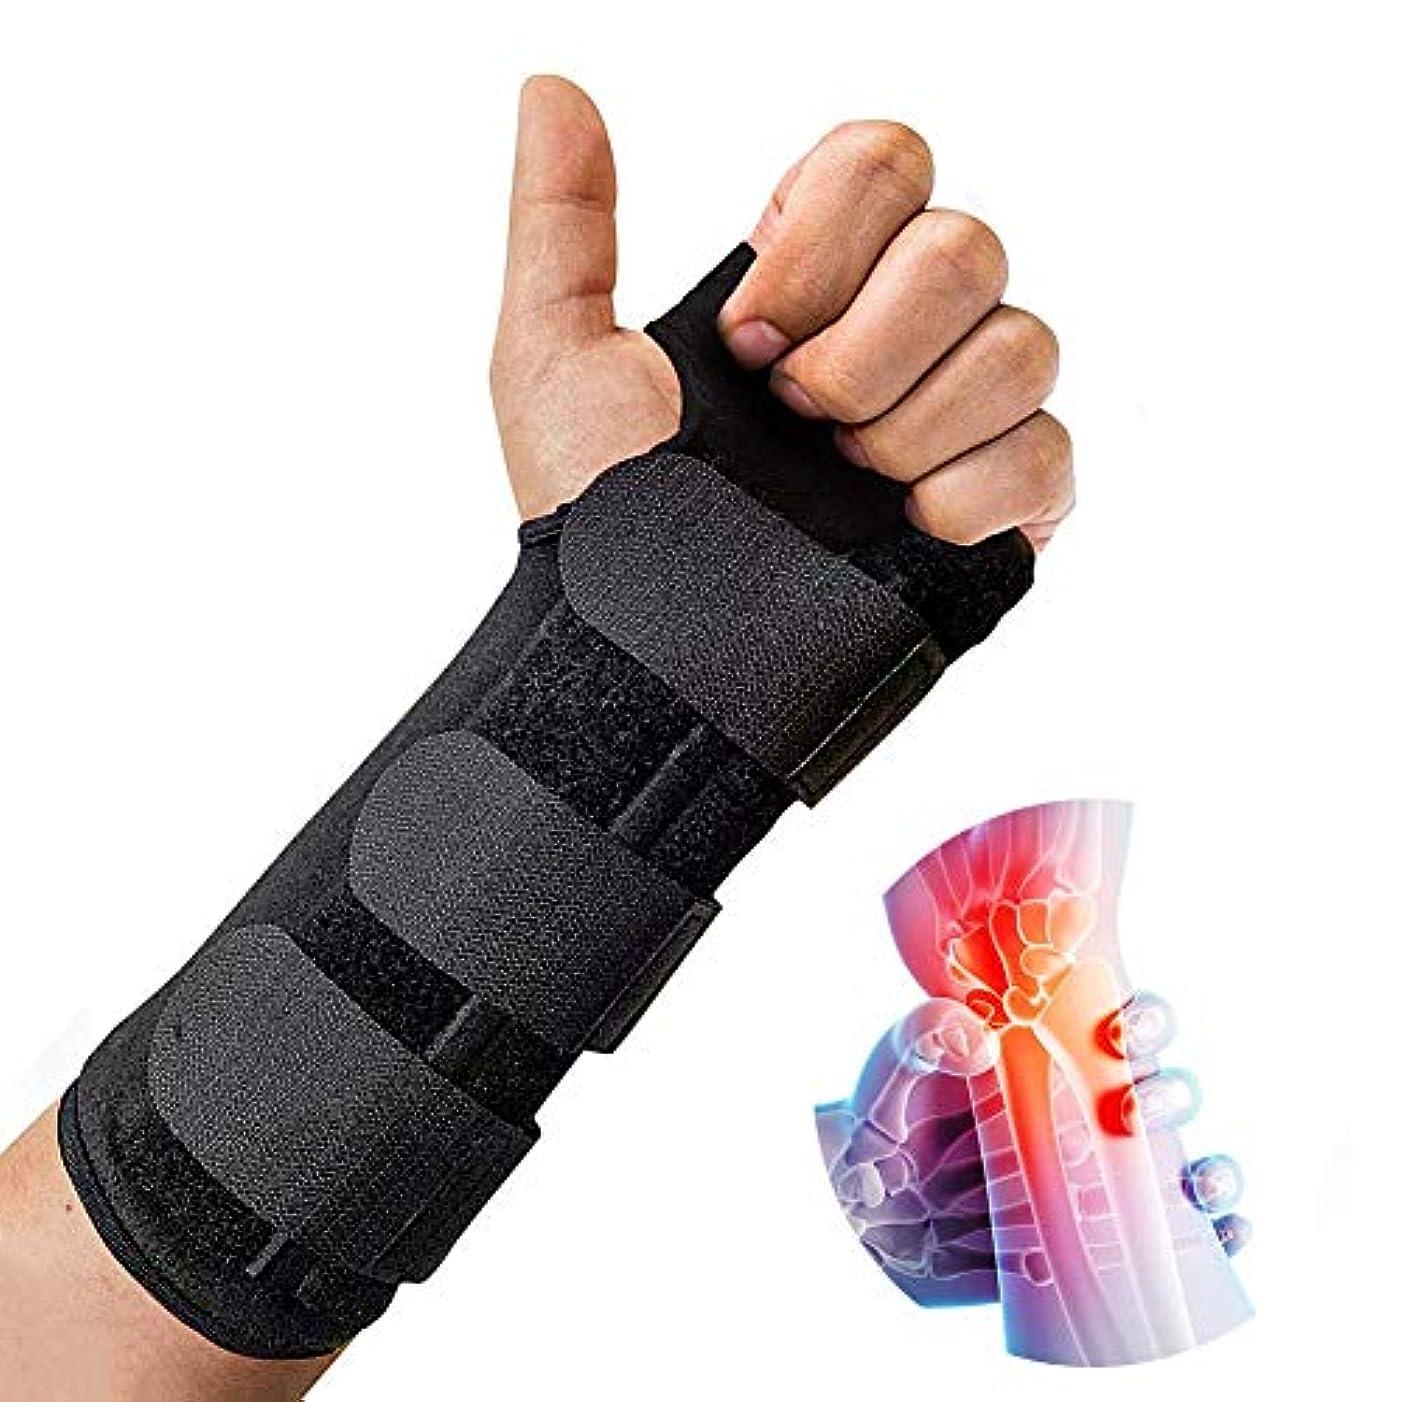 カブ解決パーティー手首 固定 サポーター 、クッションパッド付きの調整可能な軽量スプリントは、手根管関節炎、腱炎、骨折捻Spに最適な快適さを提供します。,Left,M